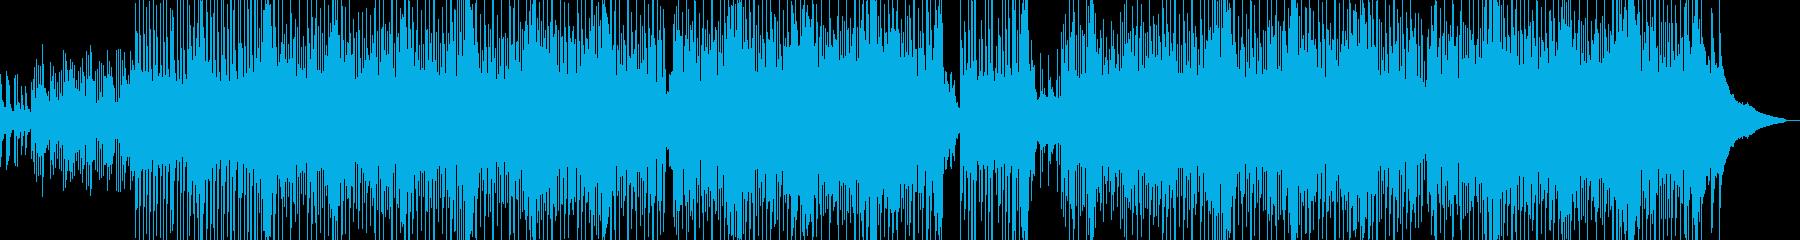 泡風呂・弾けるキュートなハウス 長尺の再生済みの波形